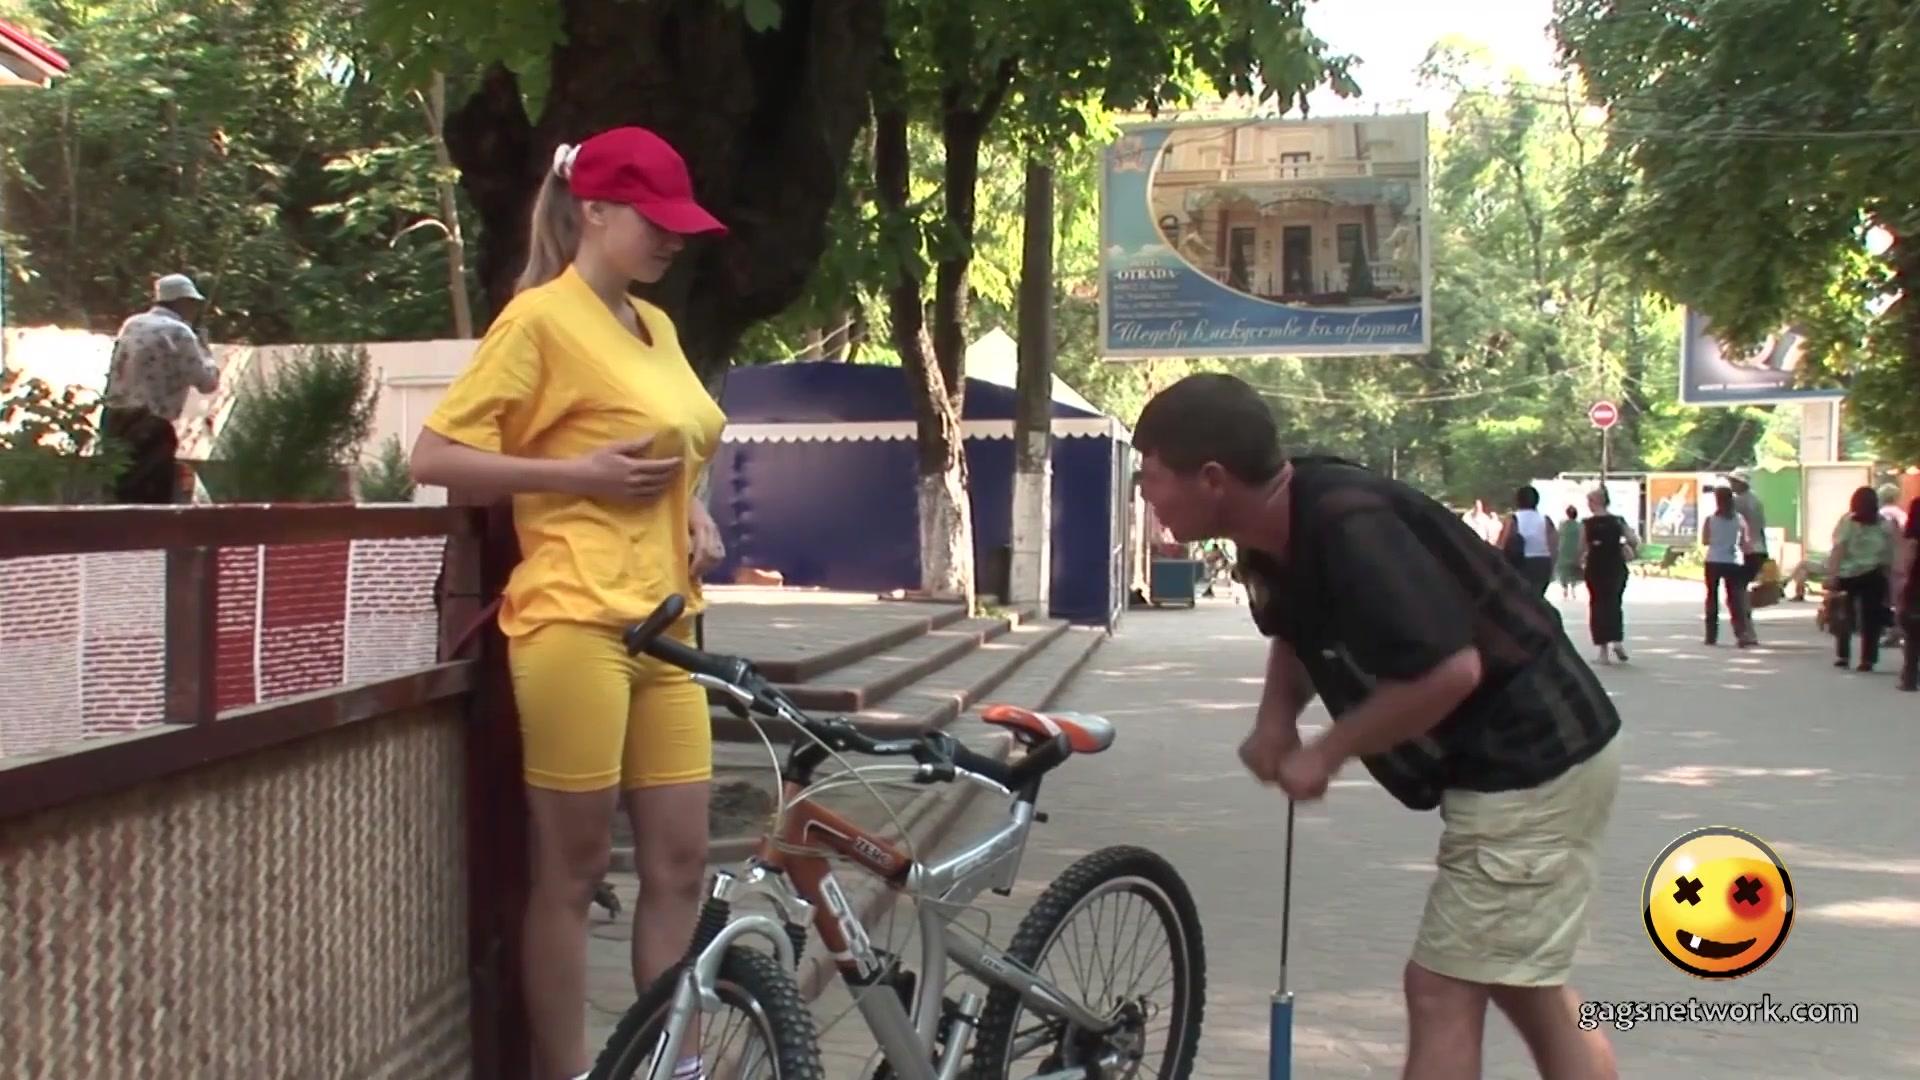 【恶搞】给美女的自行车打气,结果路人看呆了!